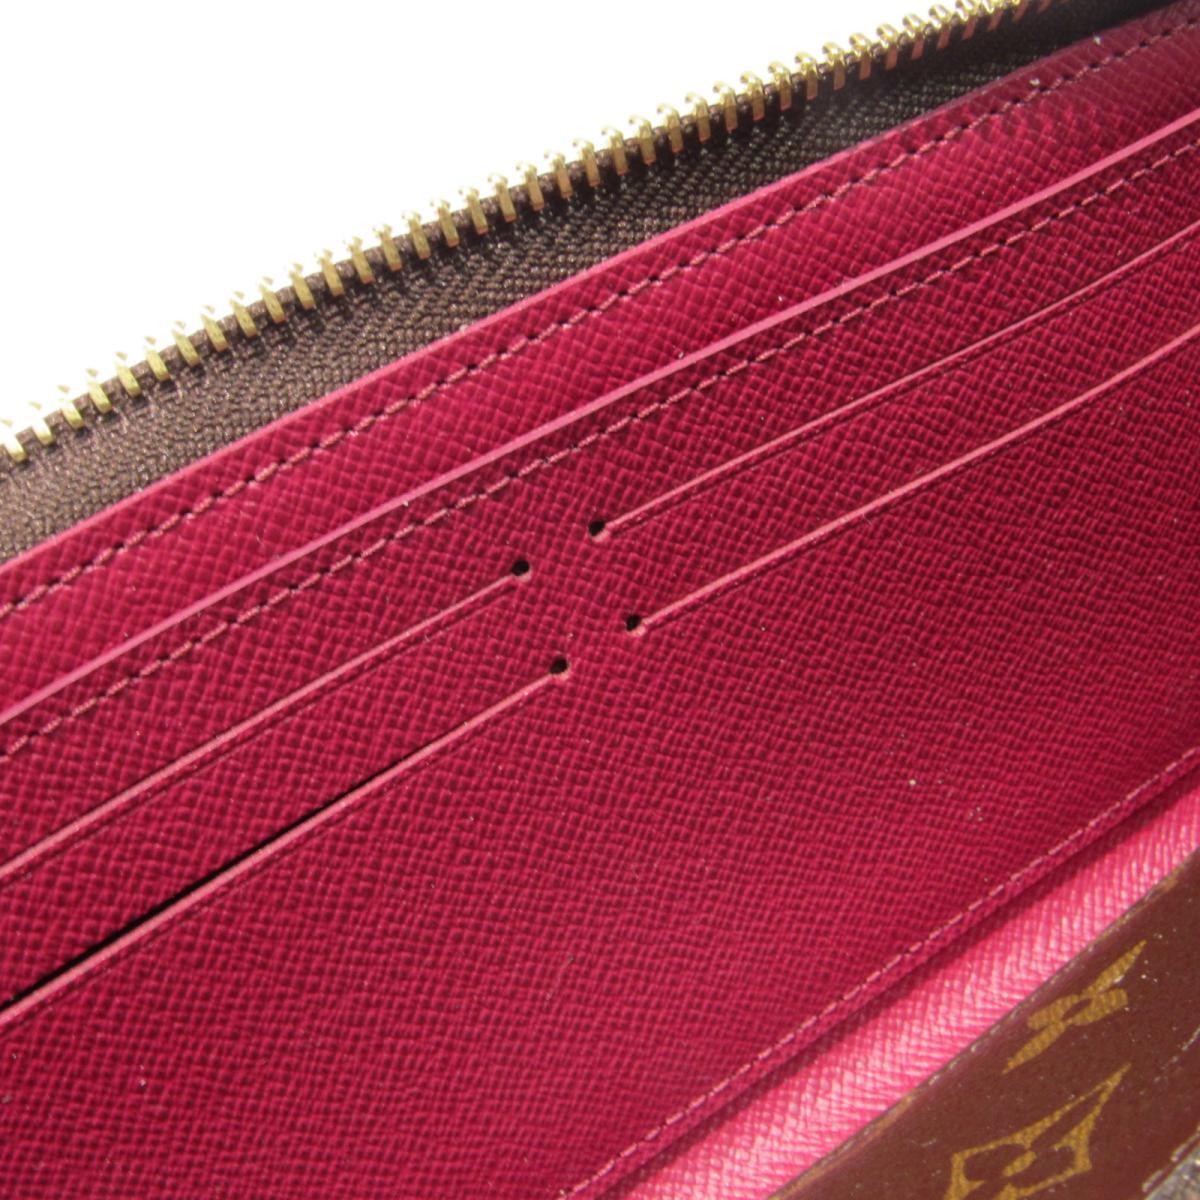 ルイヴィトン ポルトフォイユ・クレマンス ラウンドファスナー長財布 財布 レディース モノグラム モノグラムxフューシャM6fmg7IYyb6v